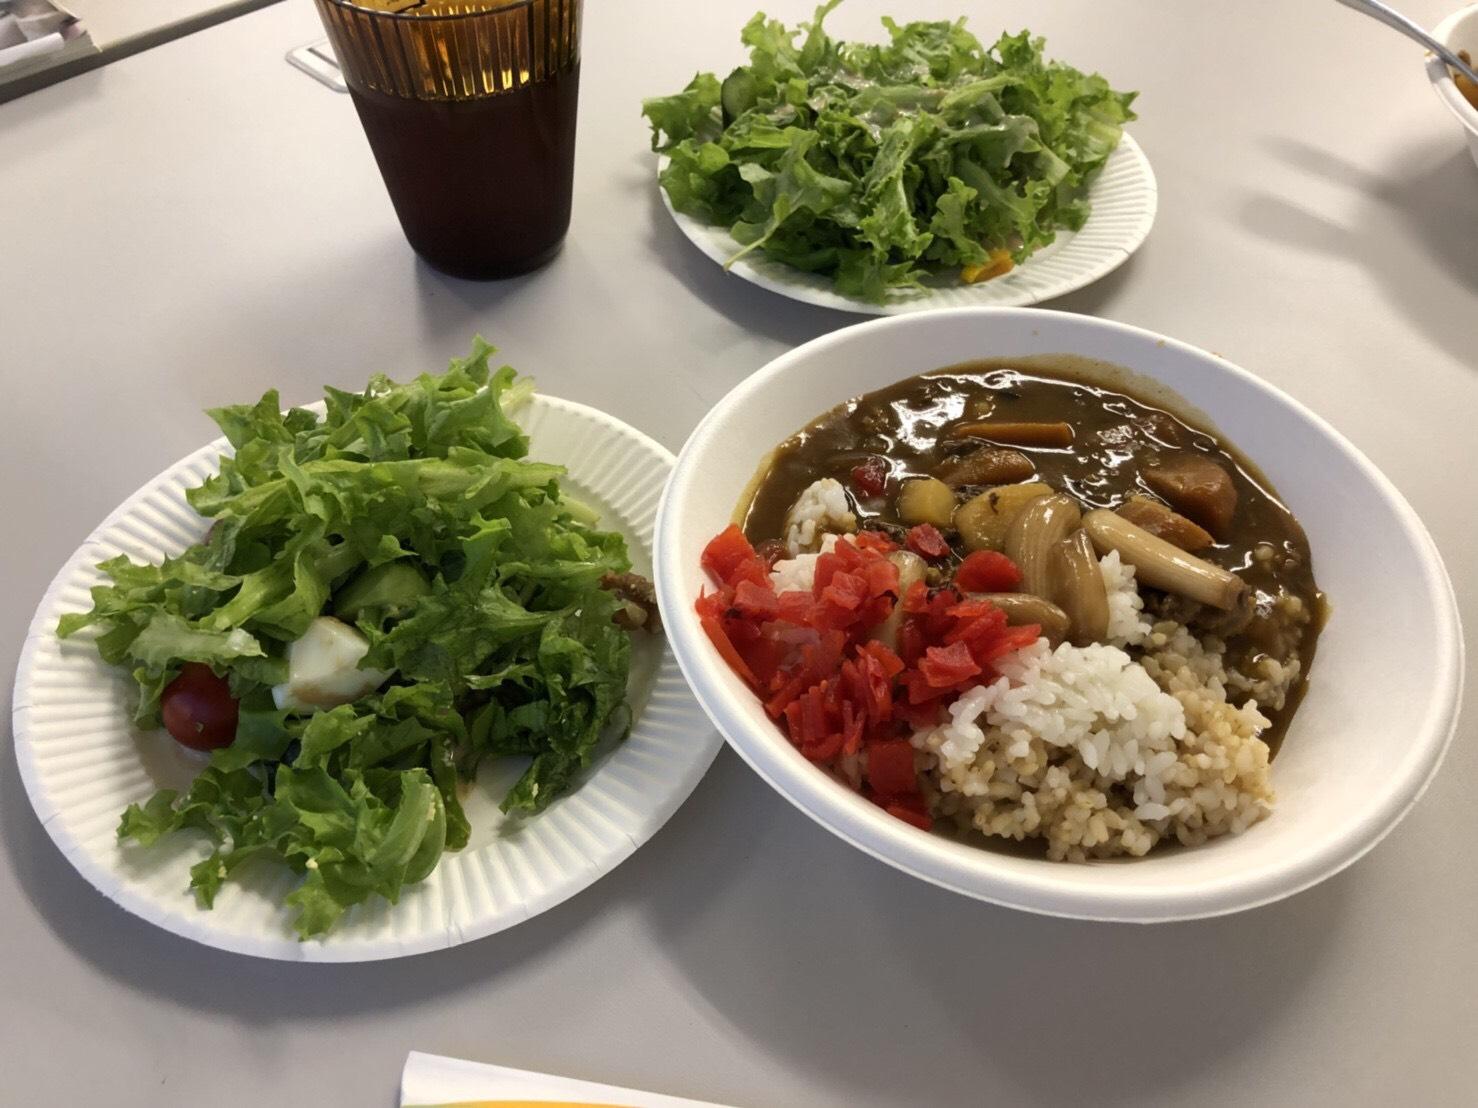 栽培した植物を使用した食事会のメニュー